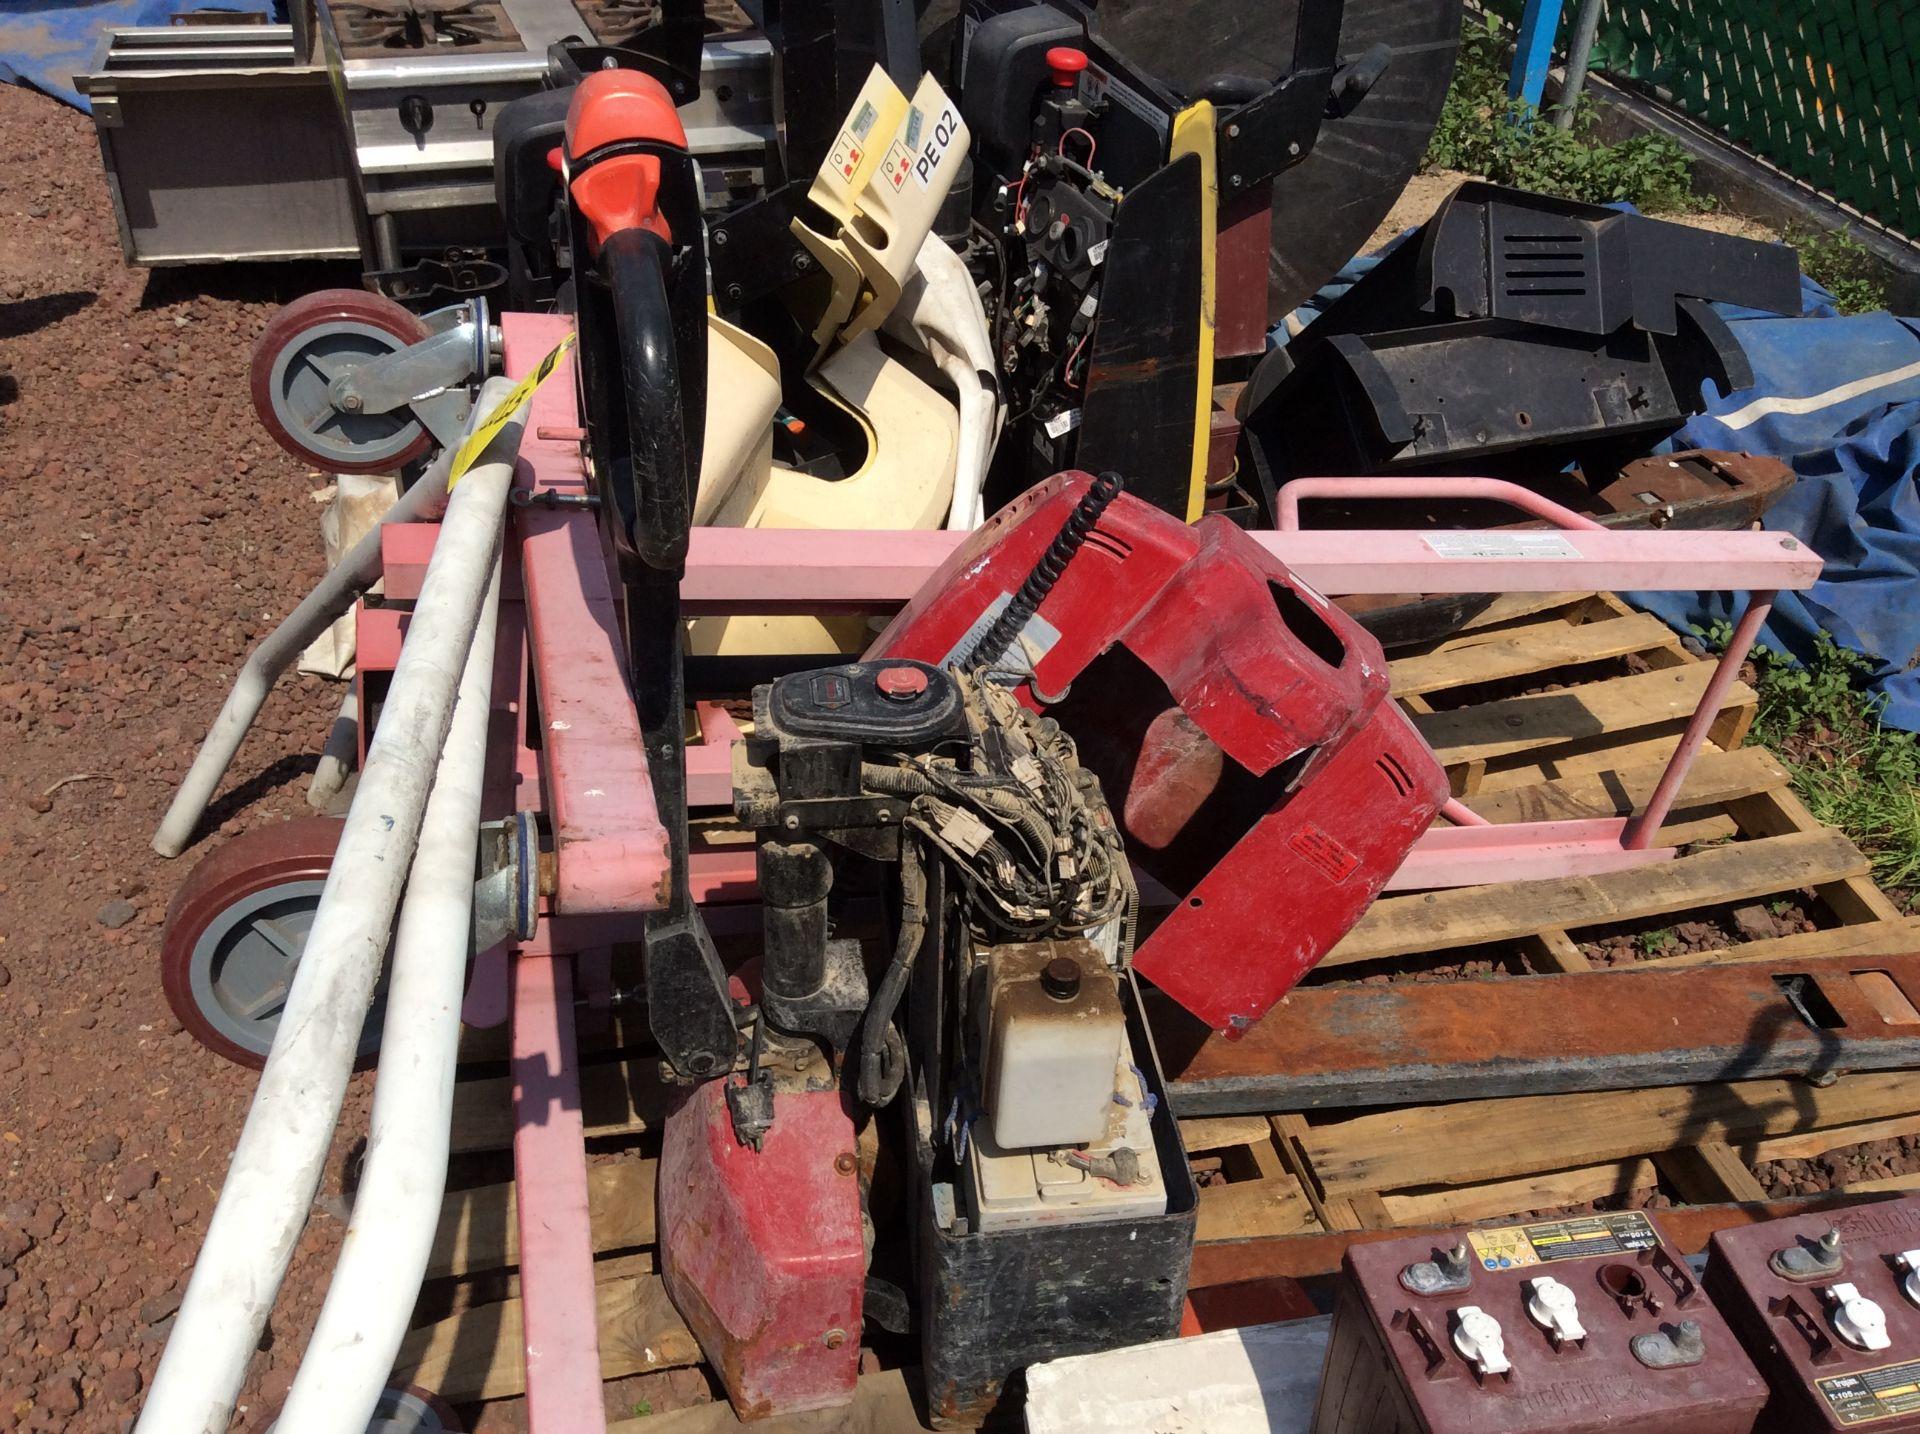 2 HYSTER lift pallet truck model W45ZHD 24 V , 1 DAYTON lift pallet truck model 21XV82 - Image 19 of 21